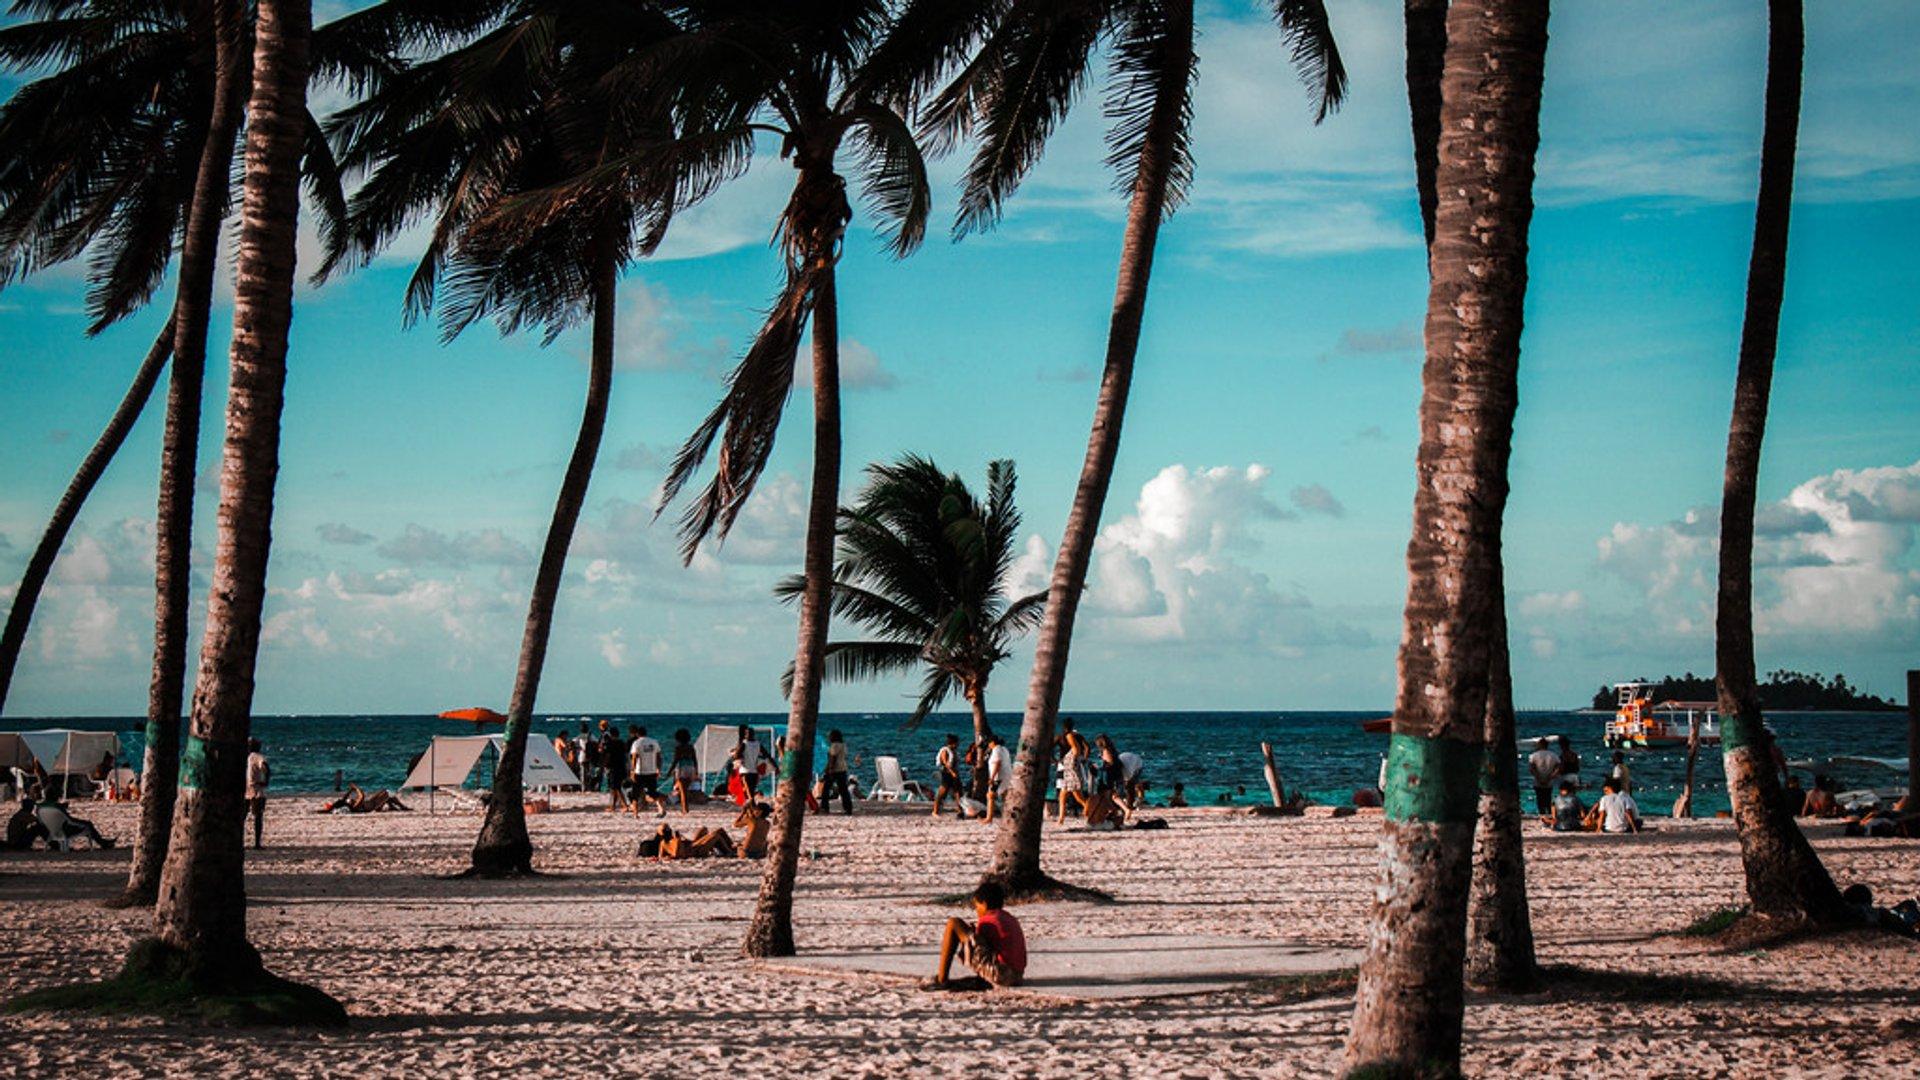 San Andres beach 2020